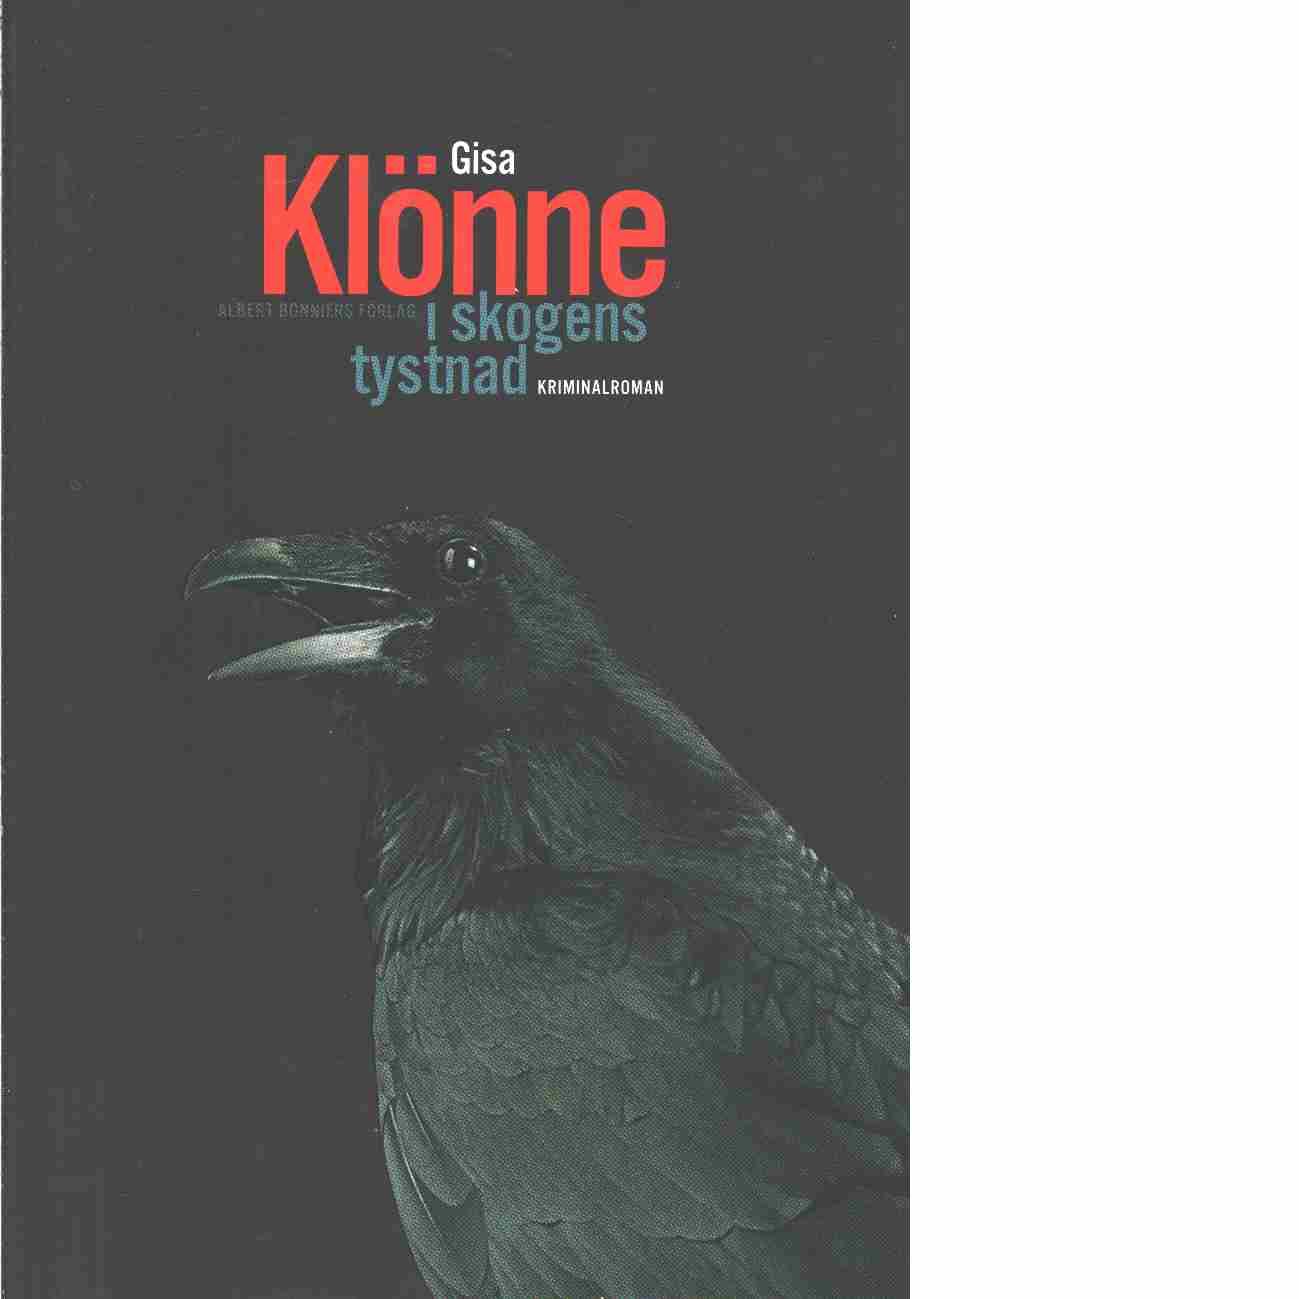 I skogens tystnad : kriminalroman - Klönne, Gisa